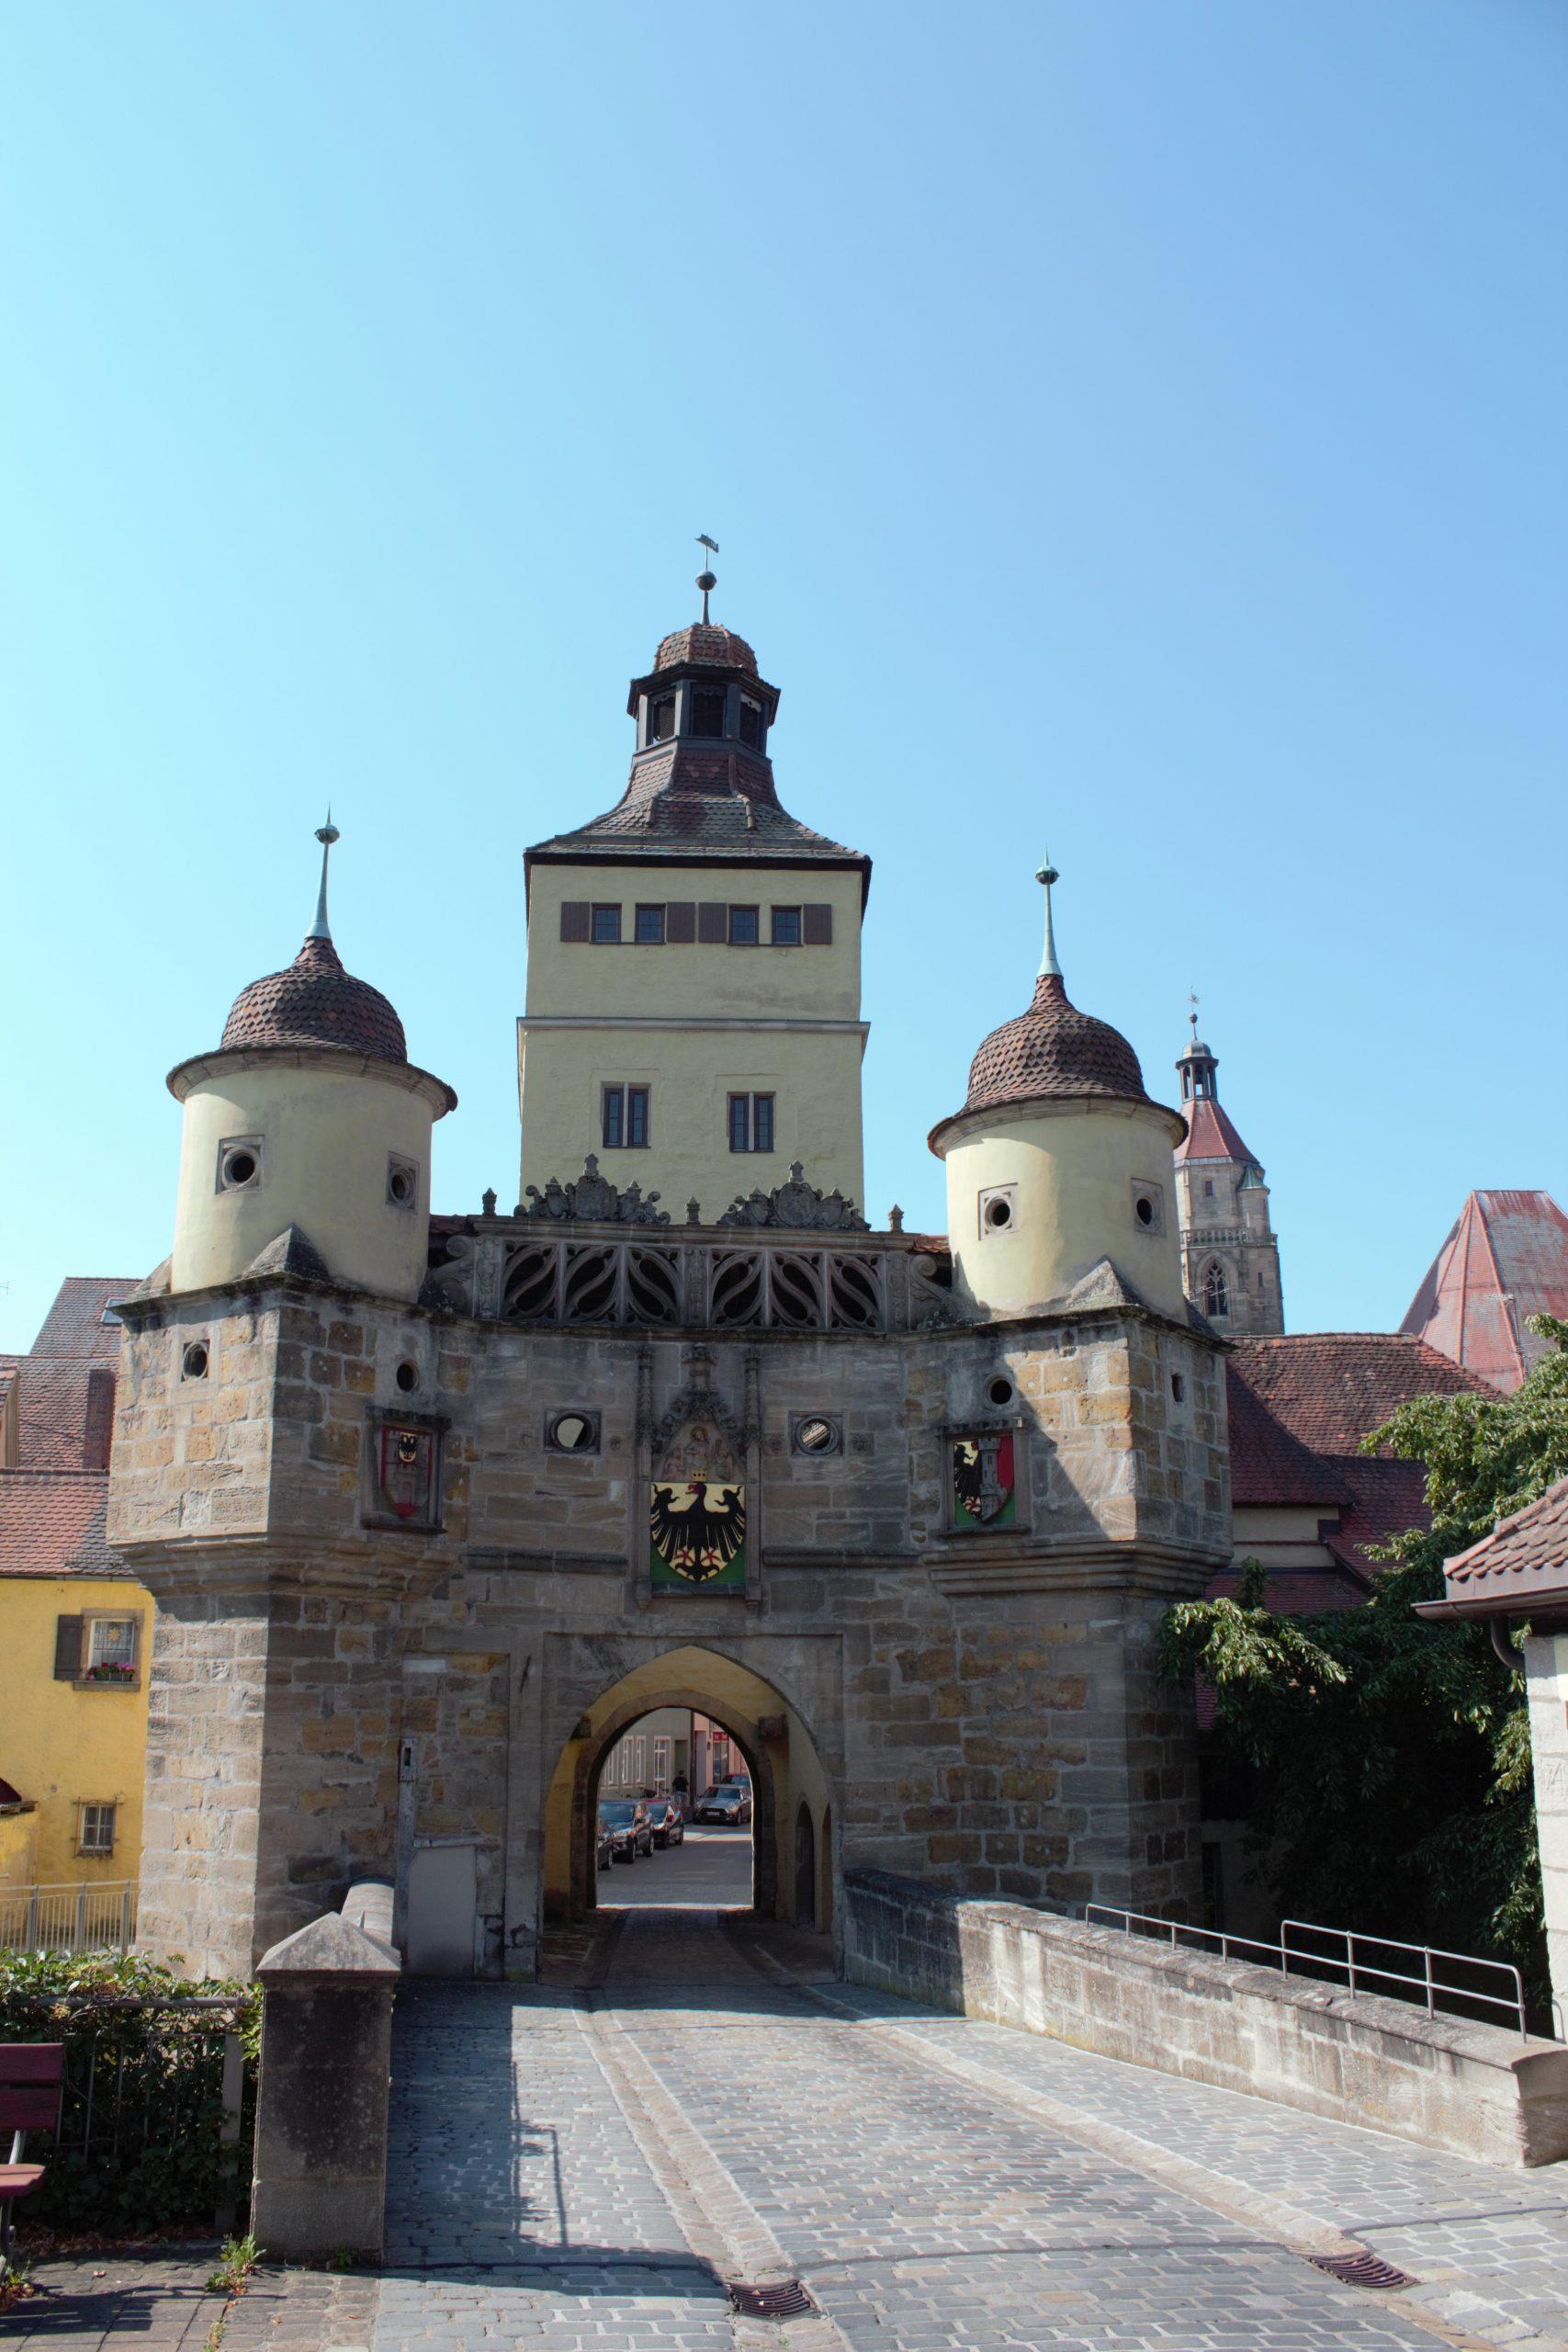 Freie Reichsstadt Weißenburg